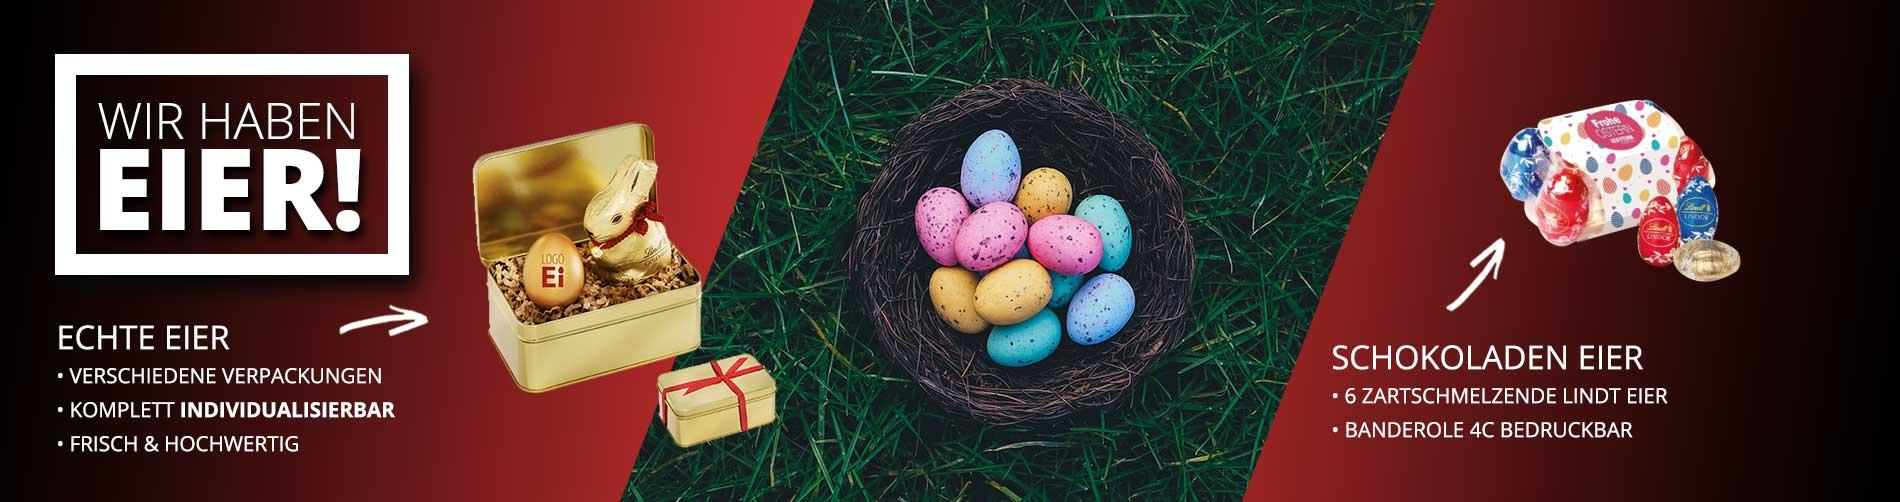 Bedruckte Werbeartikel von BizTune - bedruckte Eier